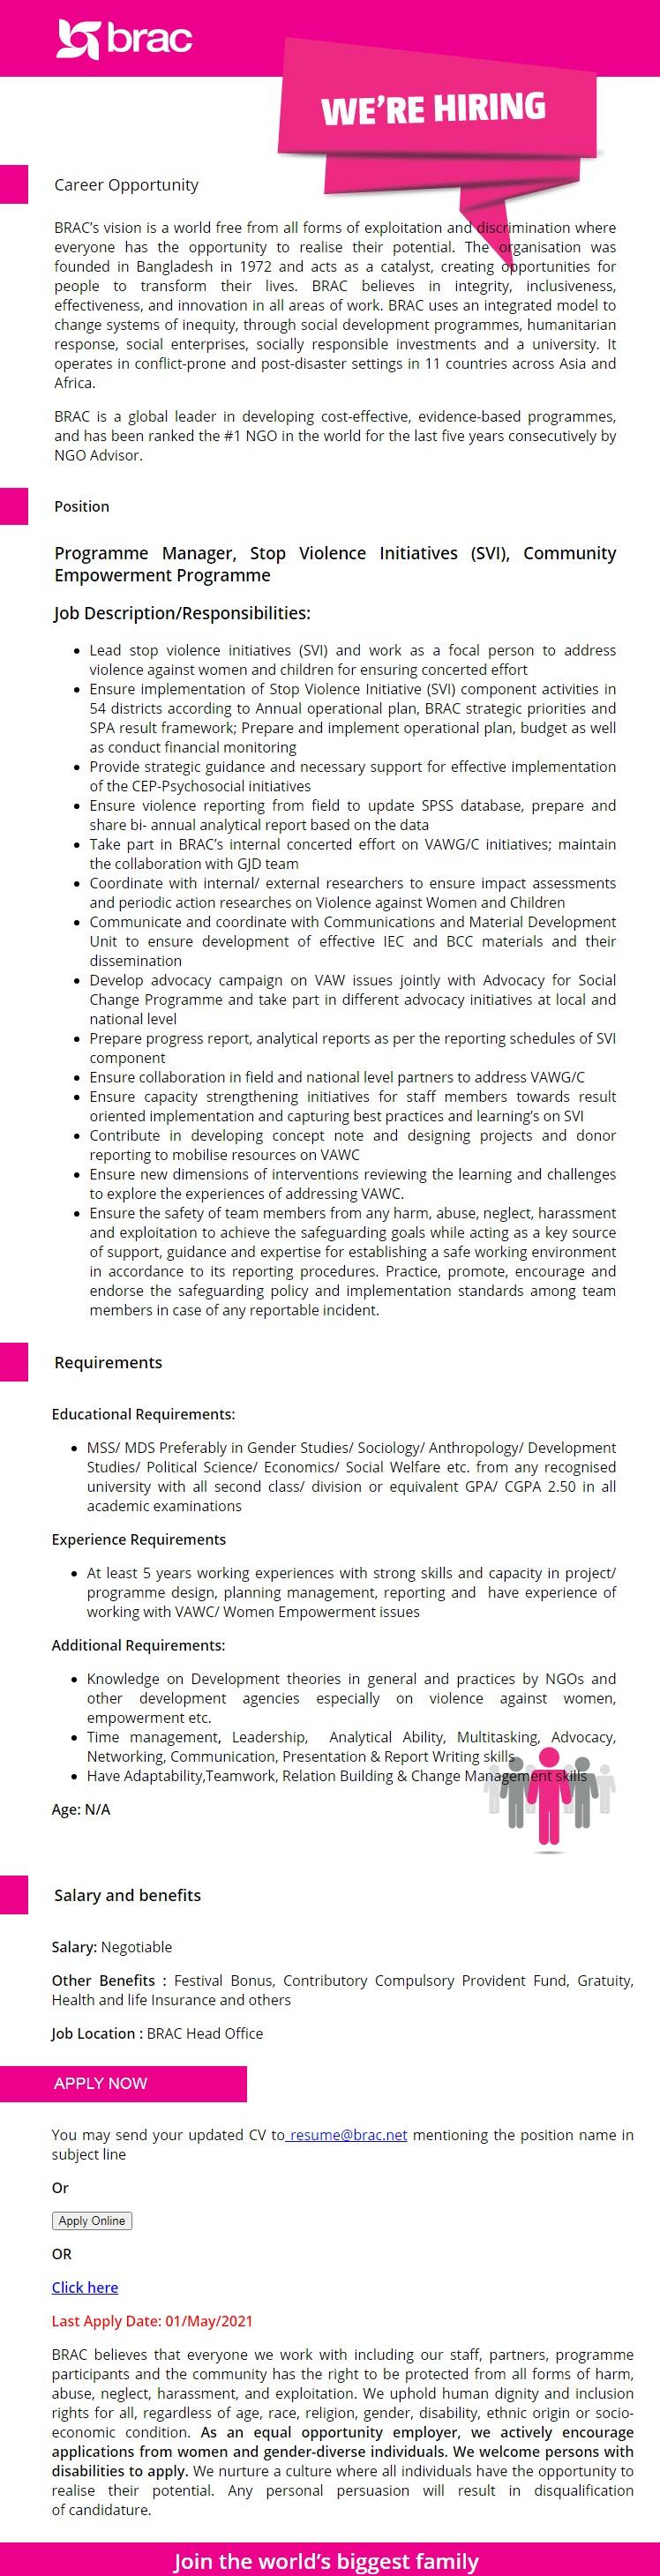 BRAC Job Circular 2021